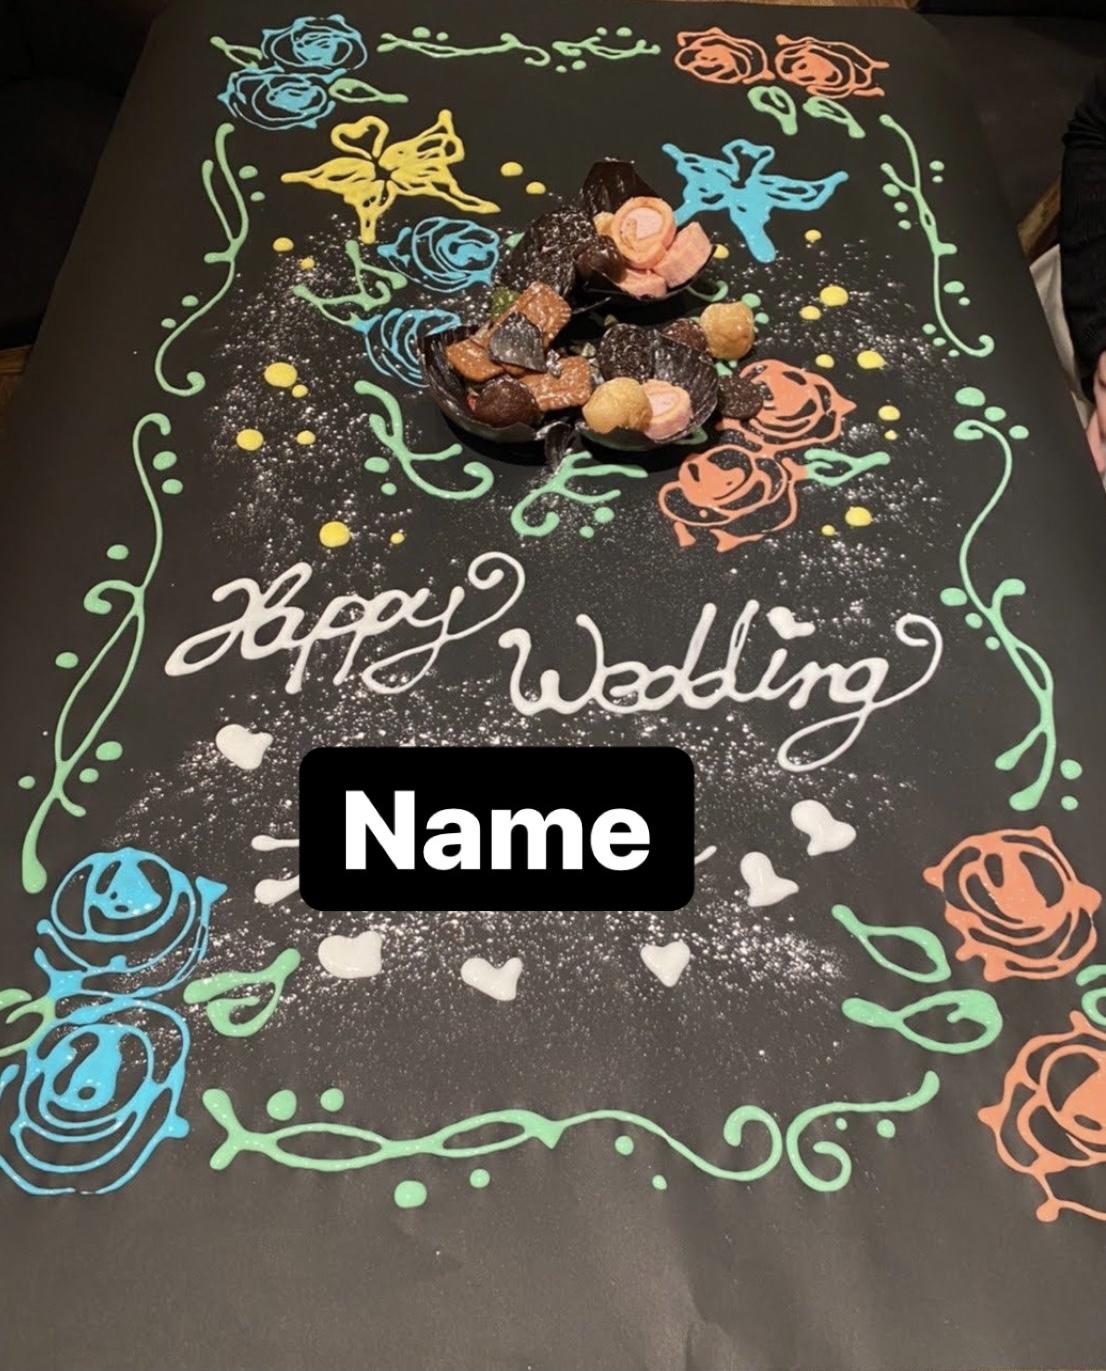 誕生日祝いや結婚祝いにぴったりなオシャレサプライズお店はここだ☝️_1